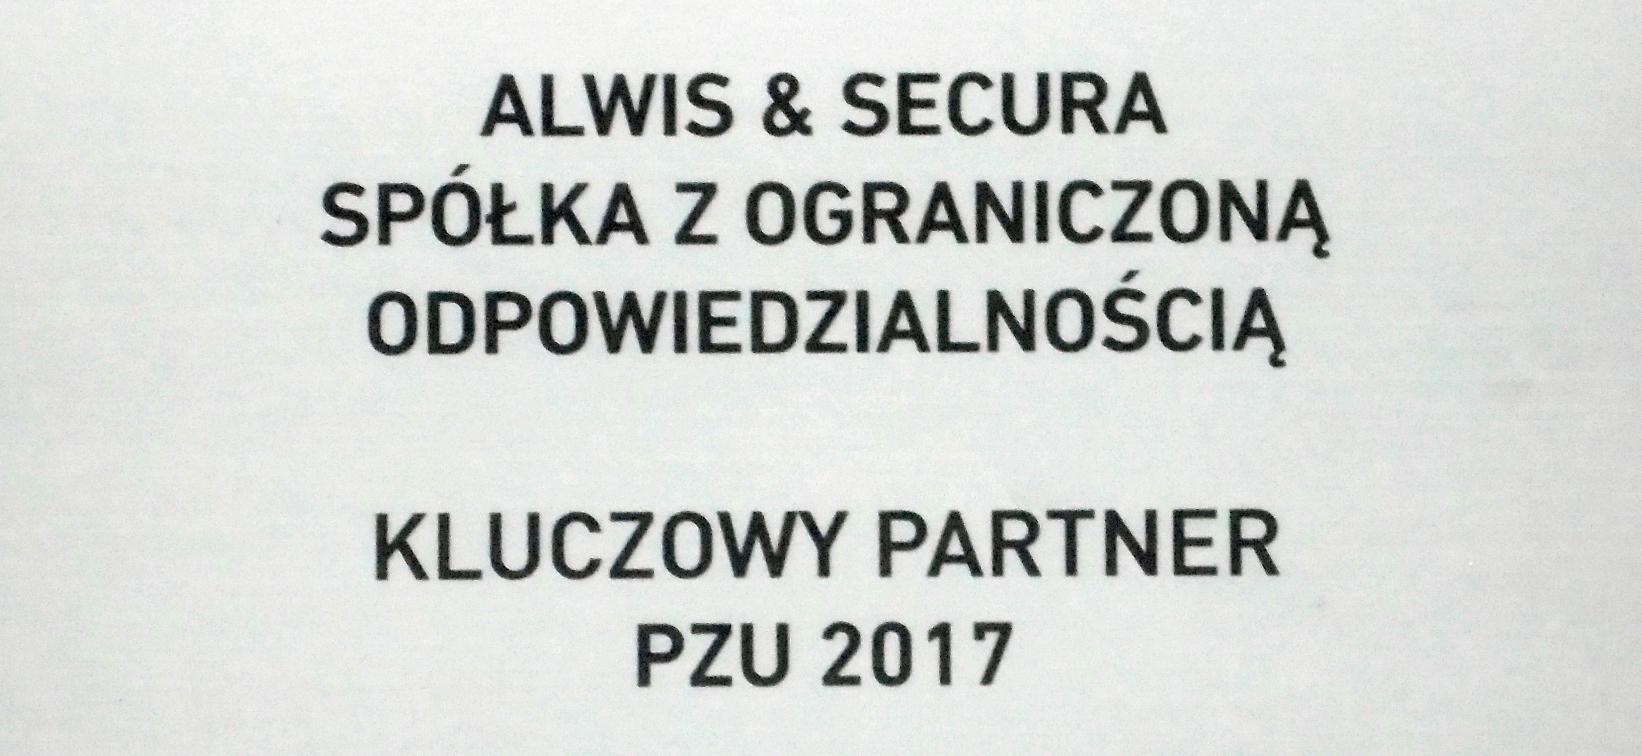 Alwis&Secura Kluczowym Partnerem PZU 2017